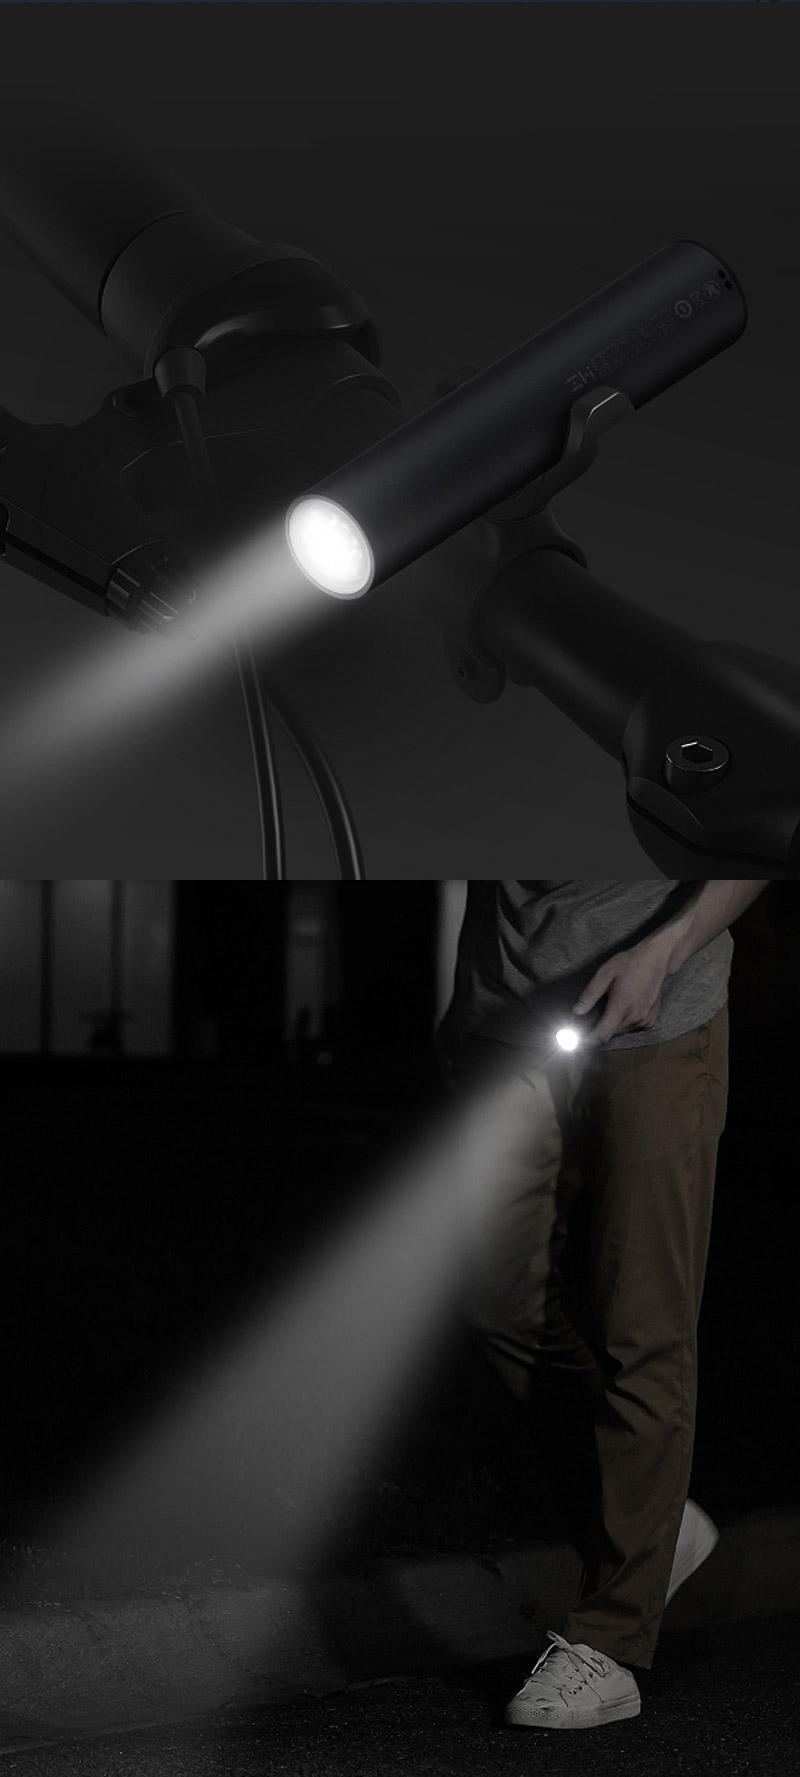 buy xiaomi zmi lpb02 5000mah power bank flashlight